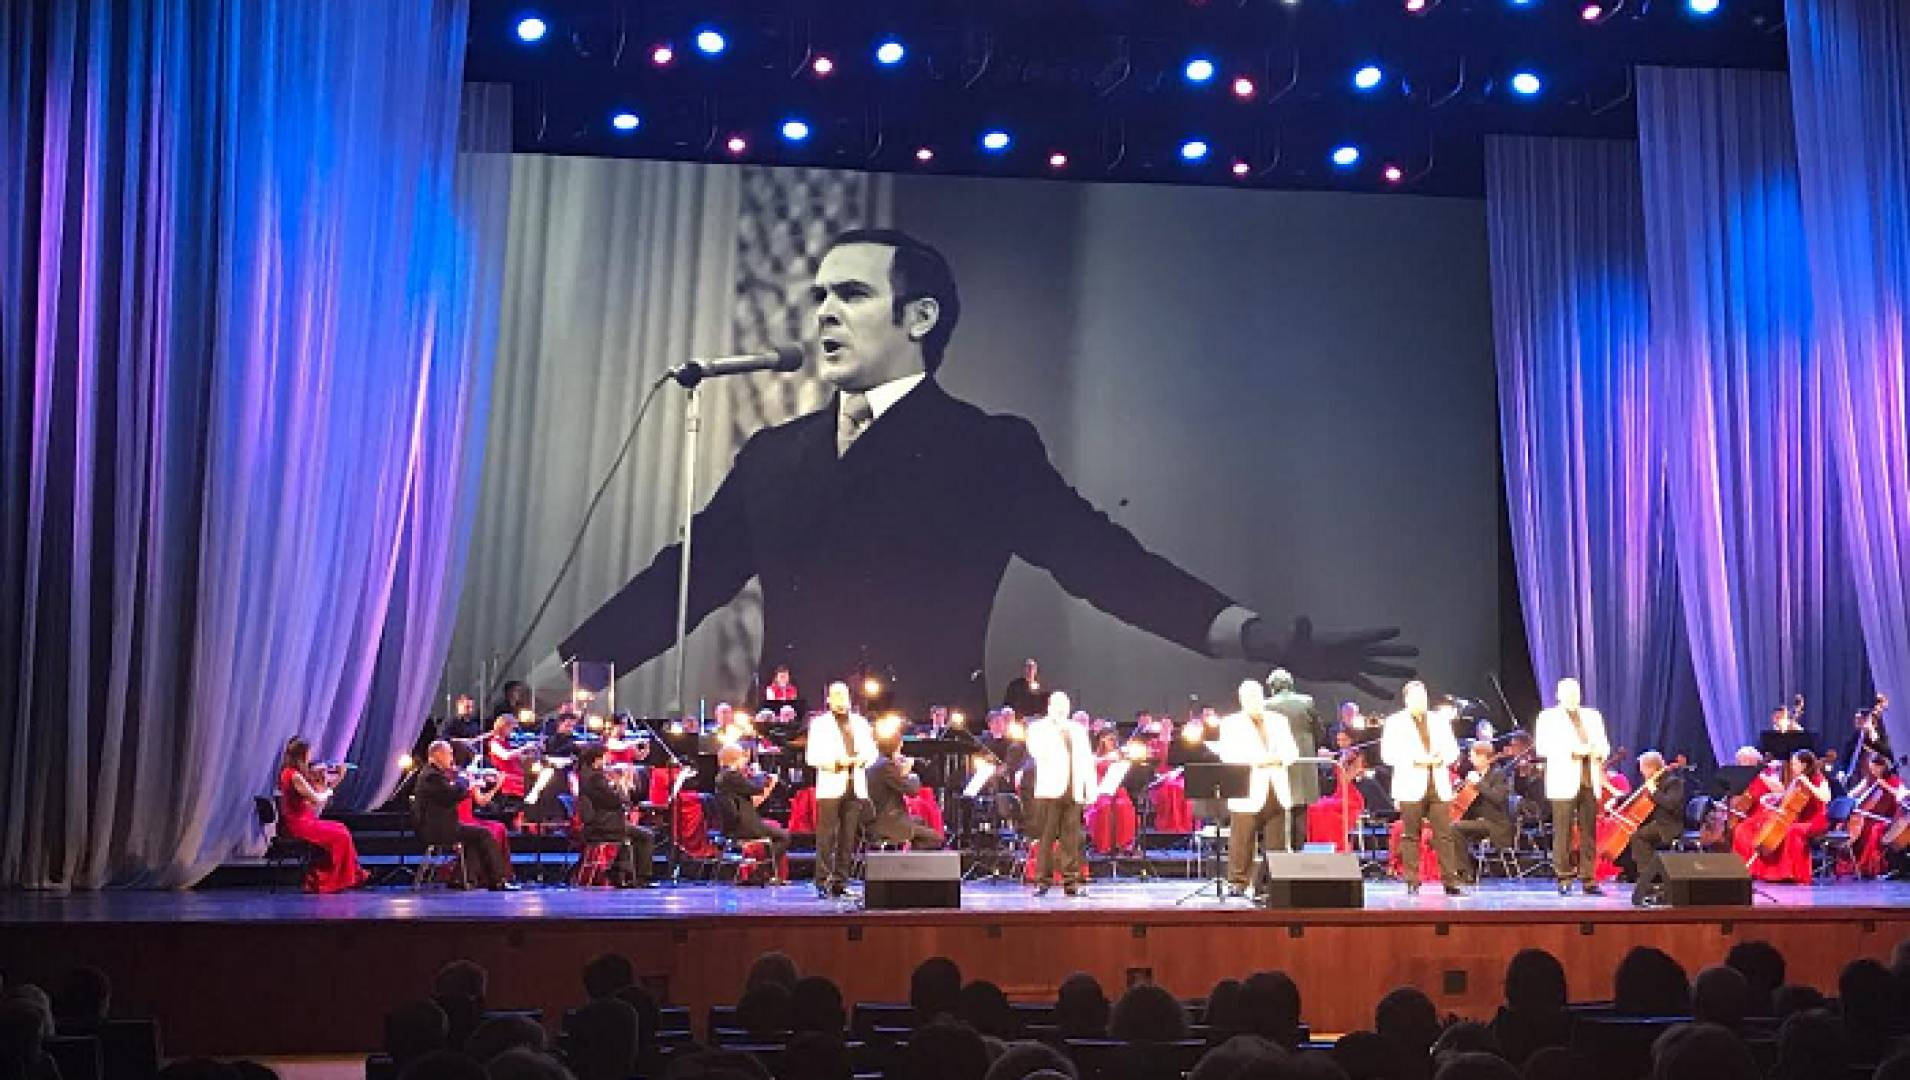 Концерт, посвященный 75-летию Муслима Магомаева - Концерт